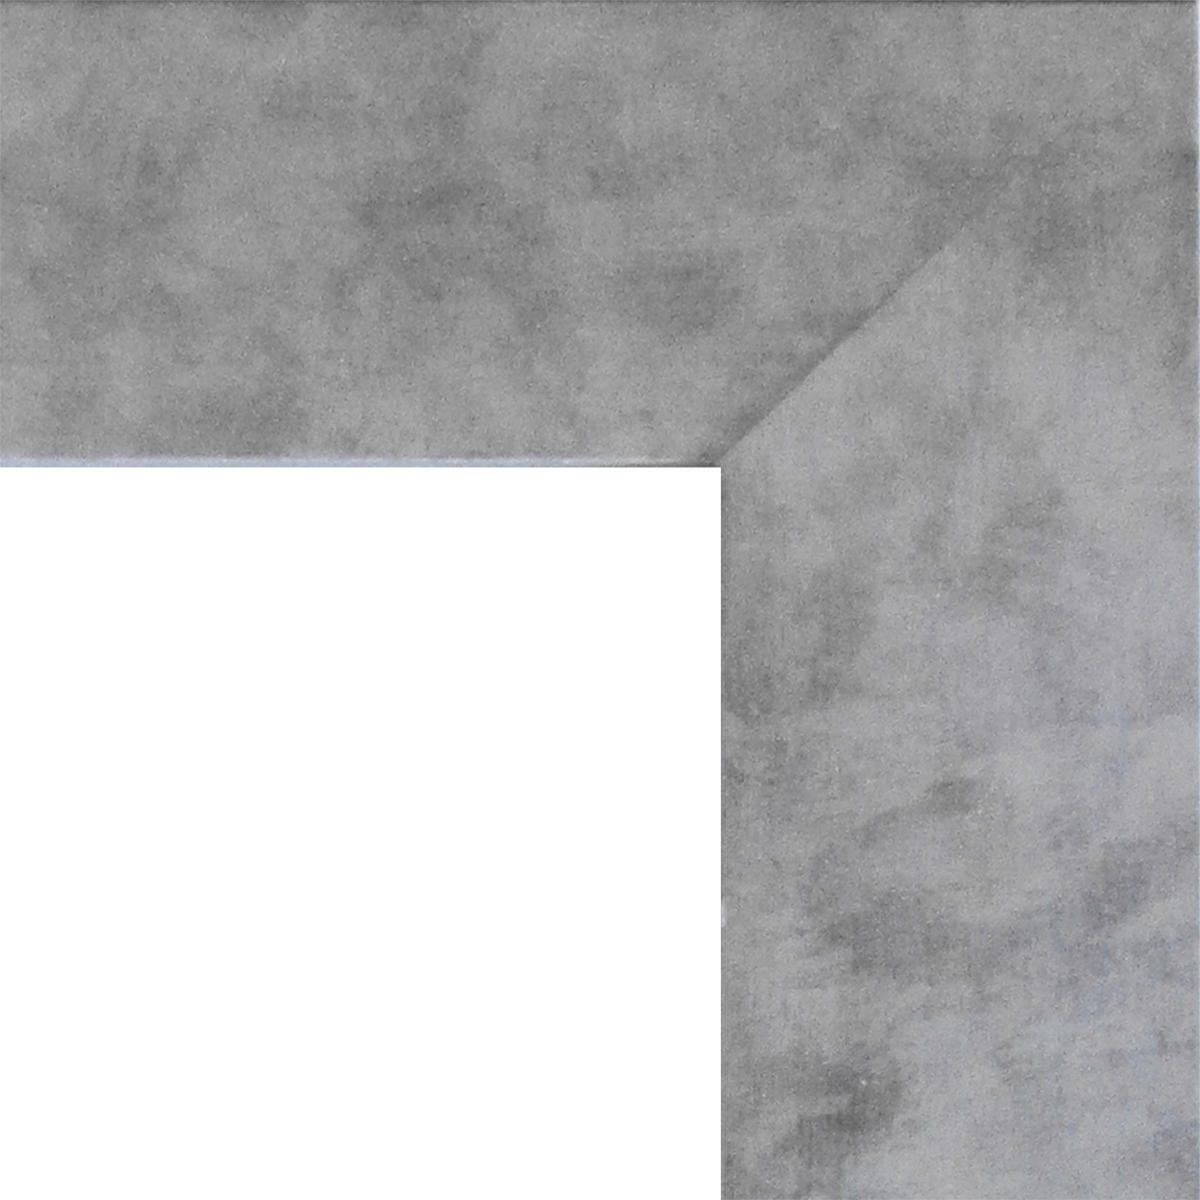 Specchio a parete rettangolare Osakan argento 60x90 cm - 6